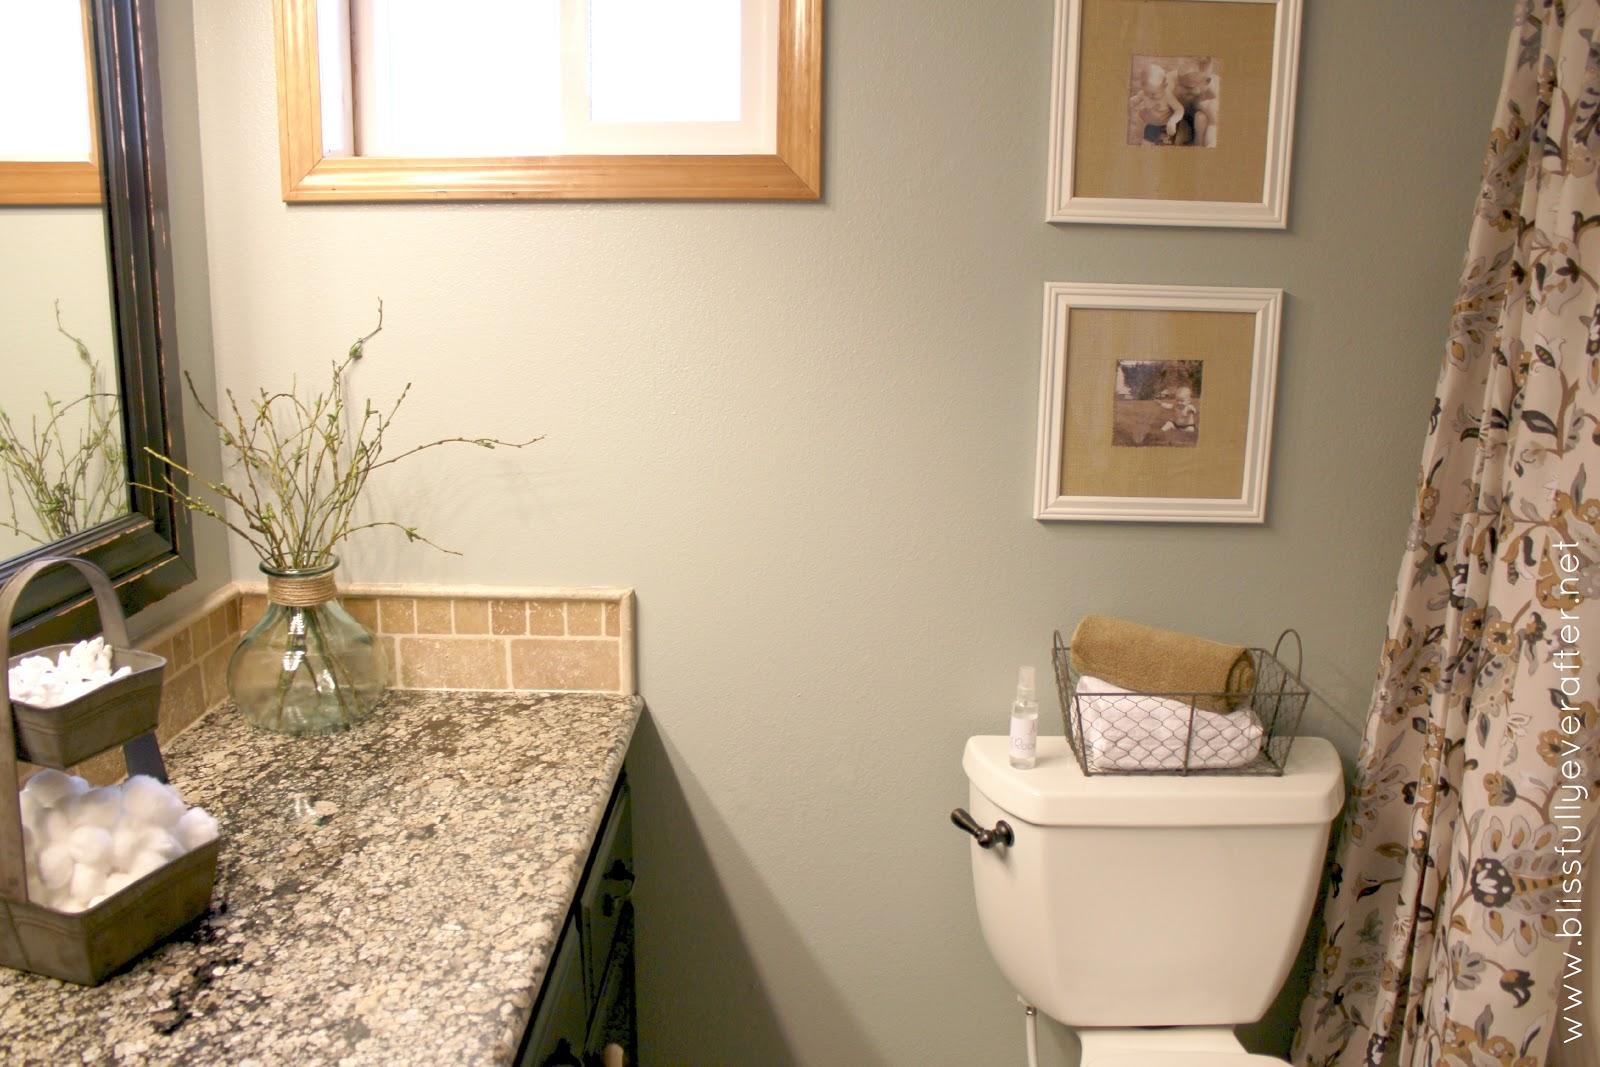 http://1.bp.blogspot.com/-z_mic8OcA6c/UJbN8fVUlUI/AAAAAAAAIeM/pb3J0N937Og/s1600/Guest+bathroom+Ideas.jpg